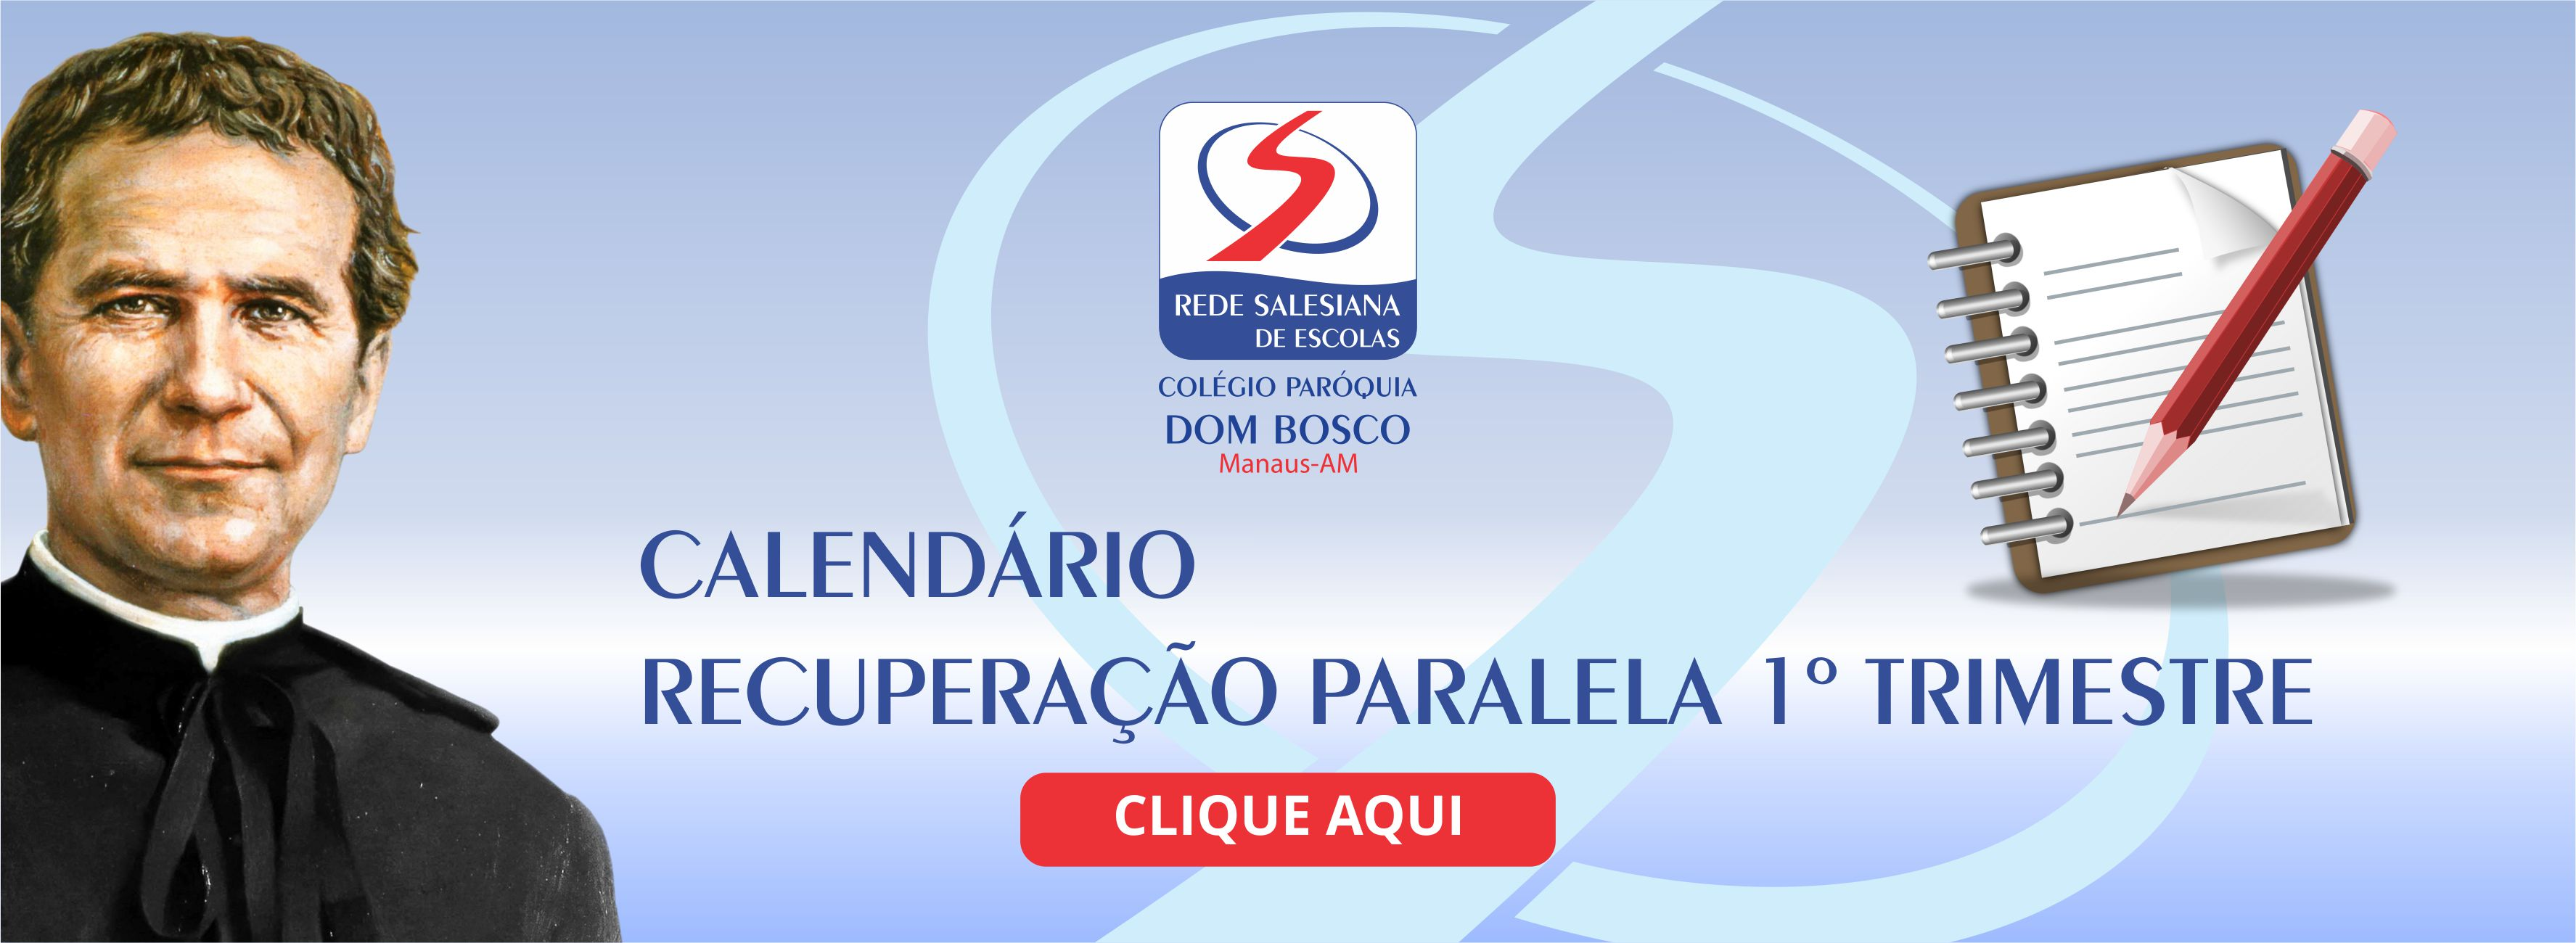 Calend_rio_rec._paralela_1__trimestre